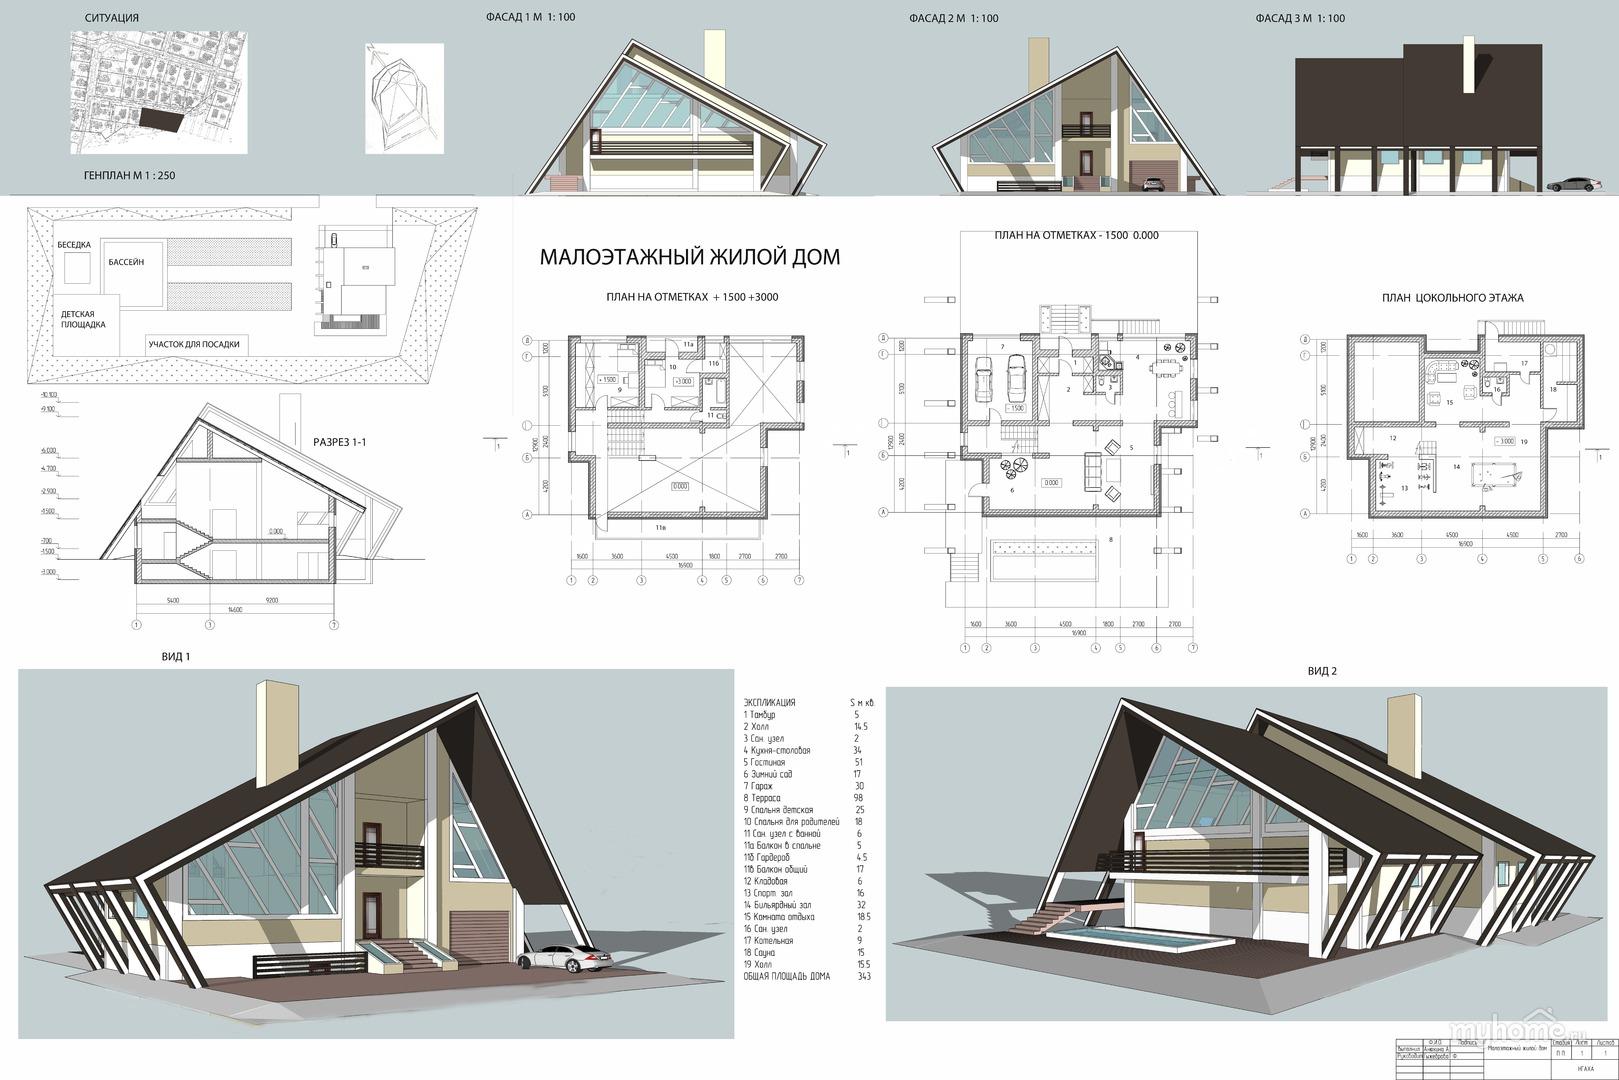 конструкции жилых домов